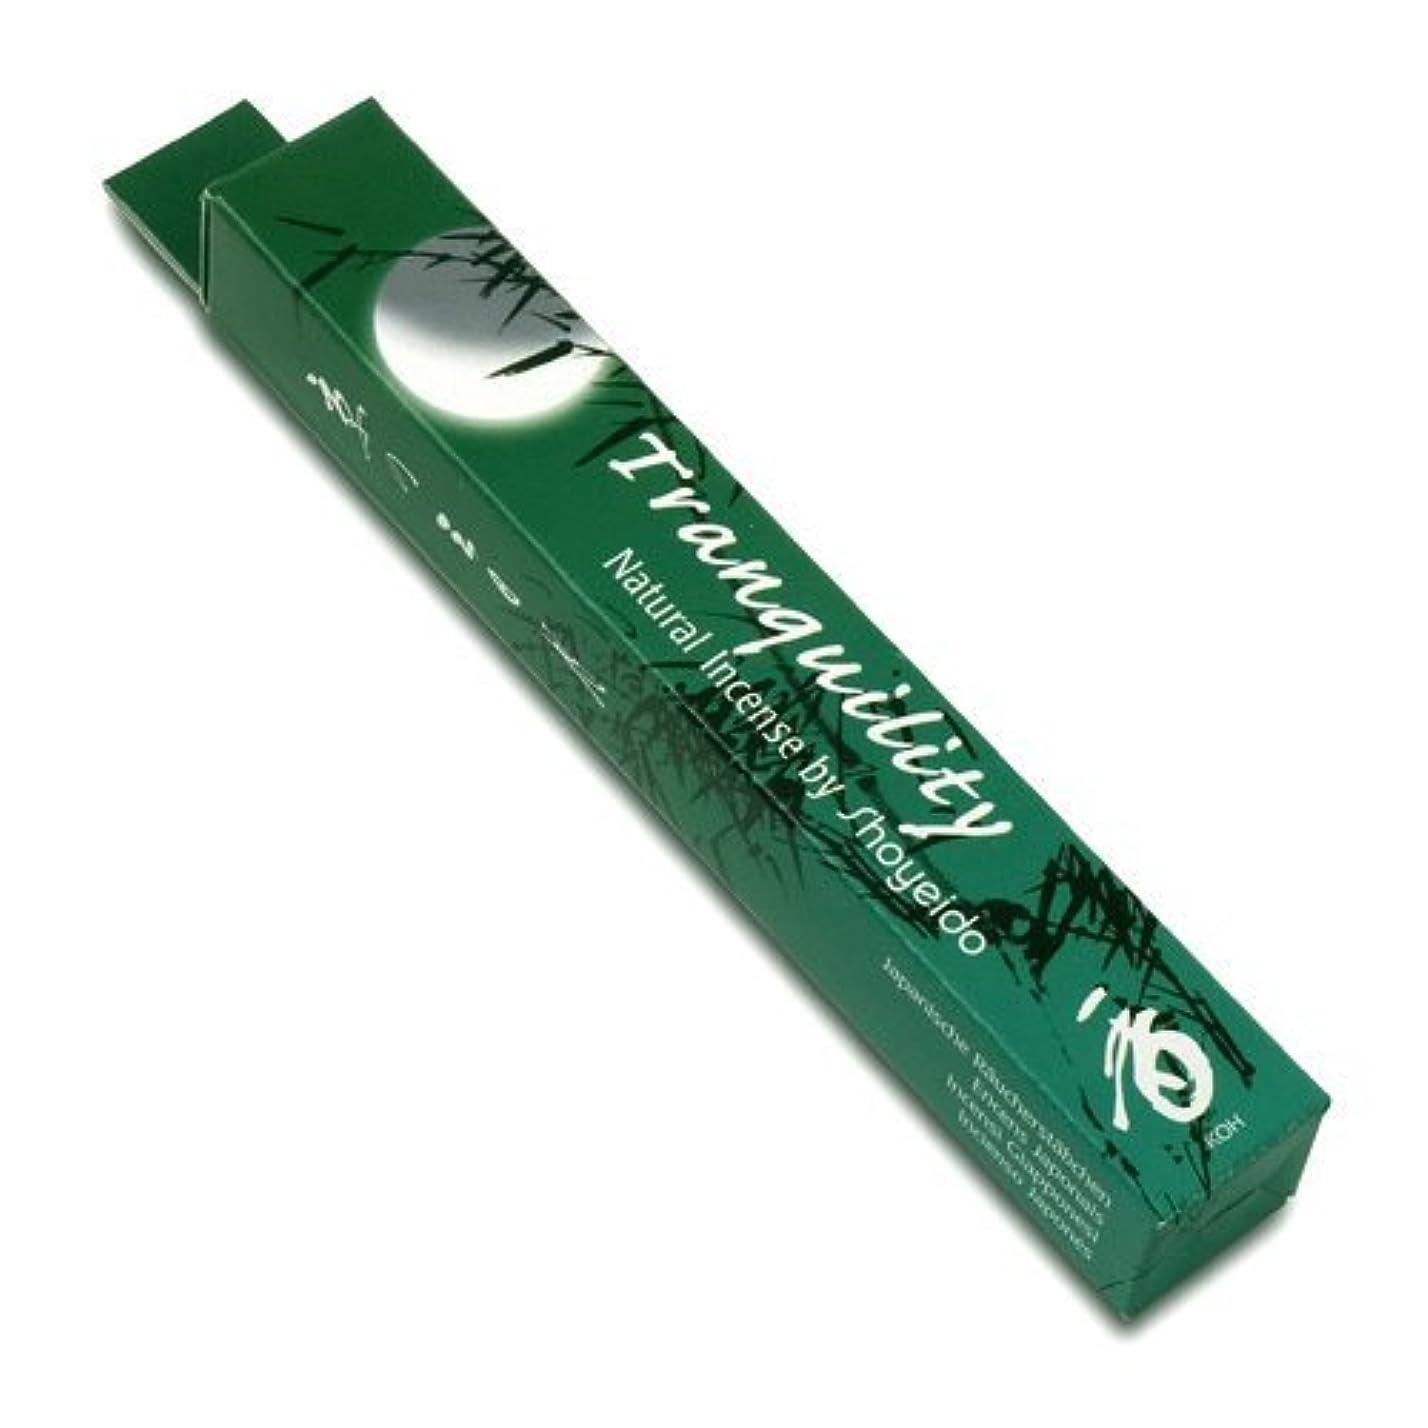 引き渡す比率つぶやきShoyeido's Tranquility Incense 40 sticks - Kyoto Moon Series [並行輸入品]